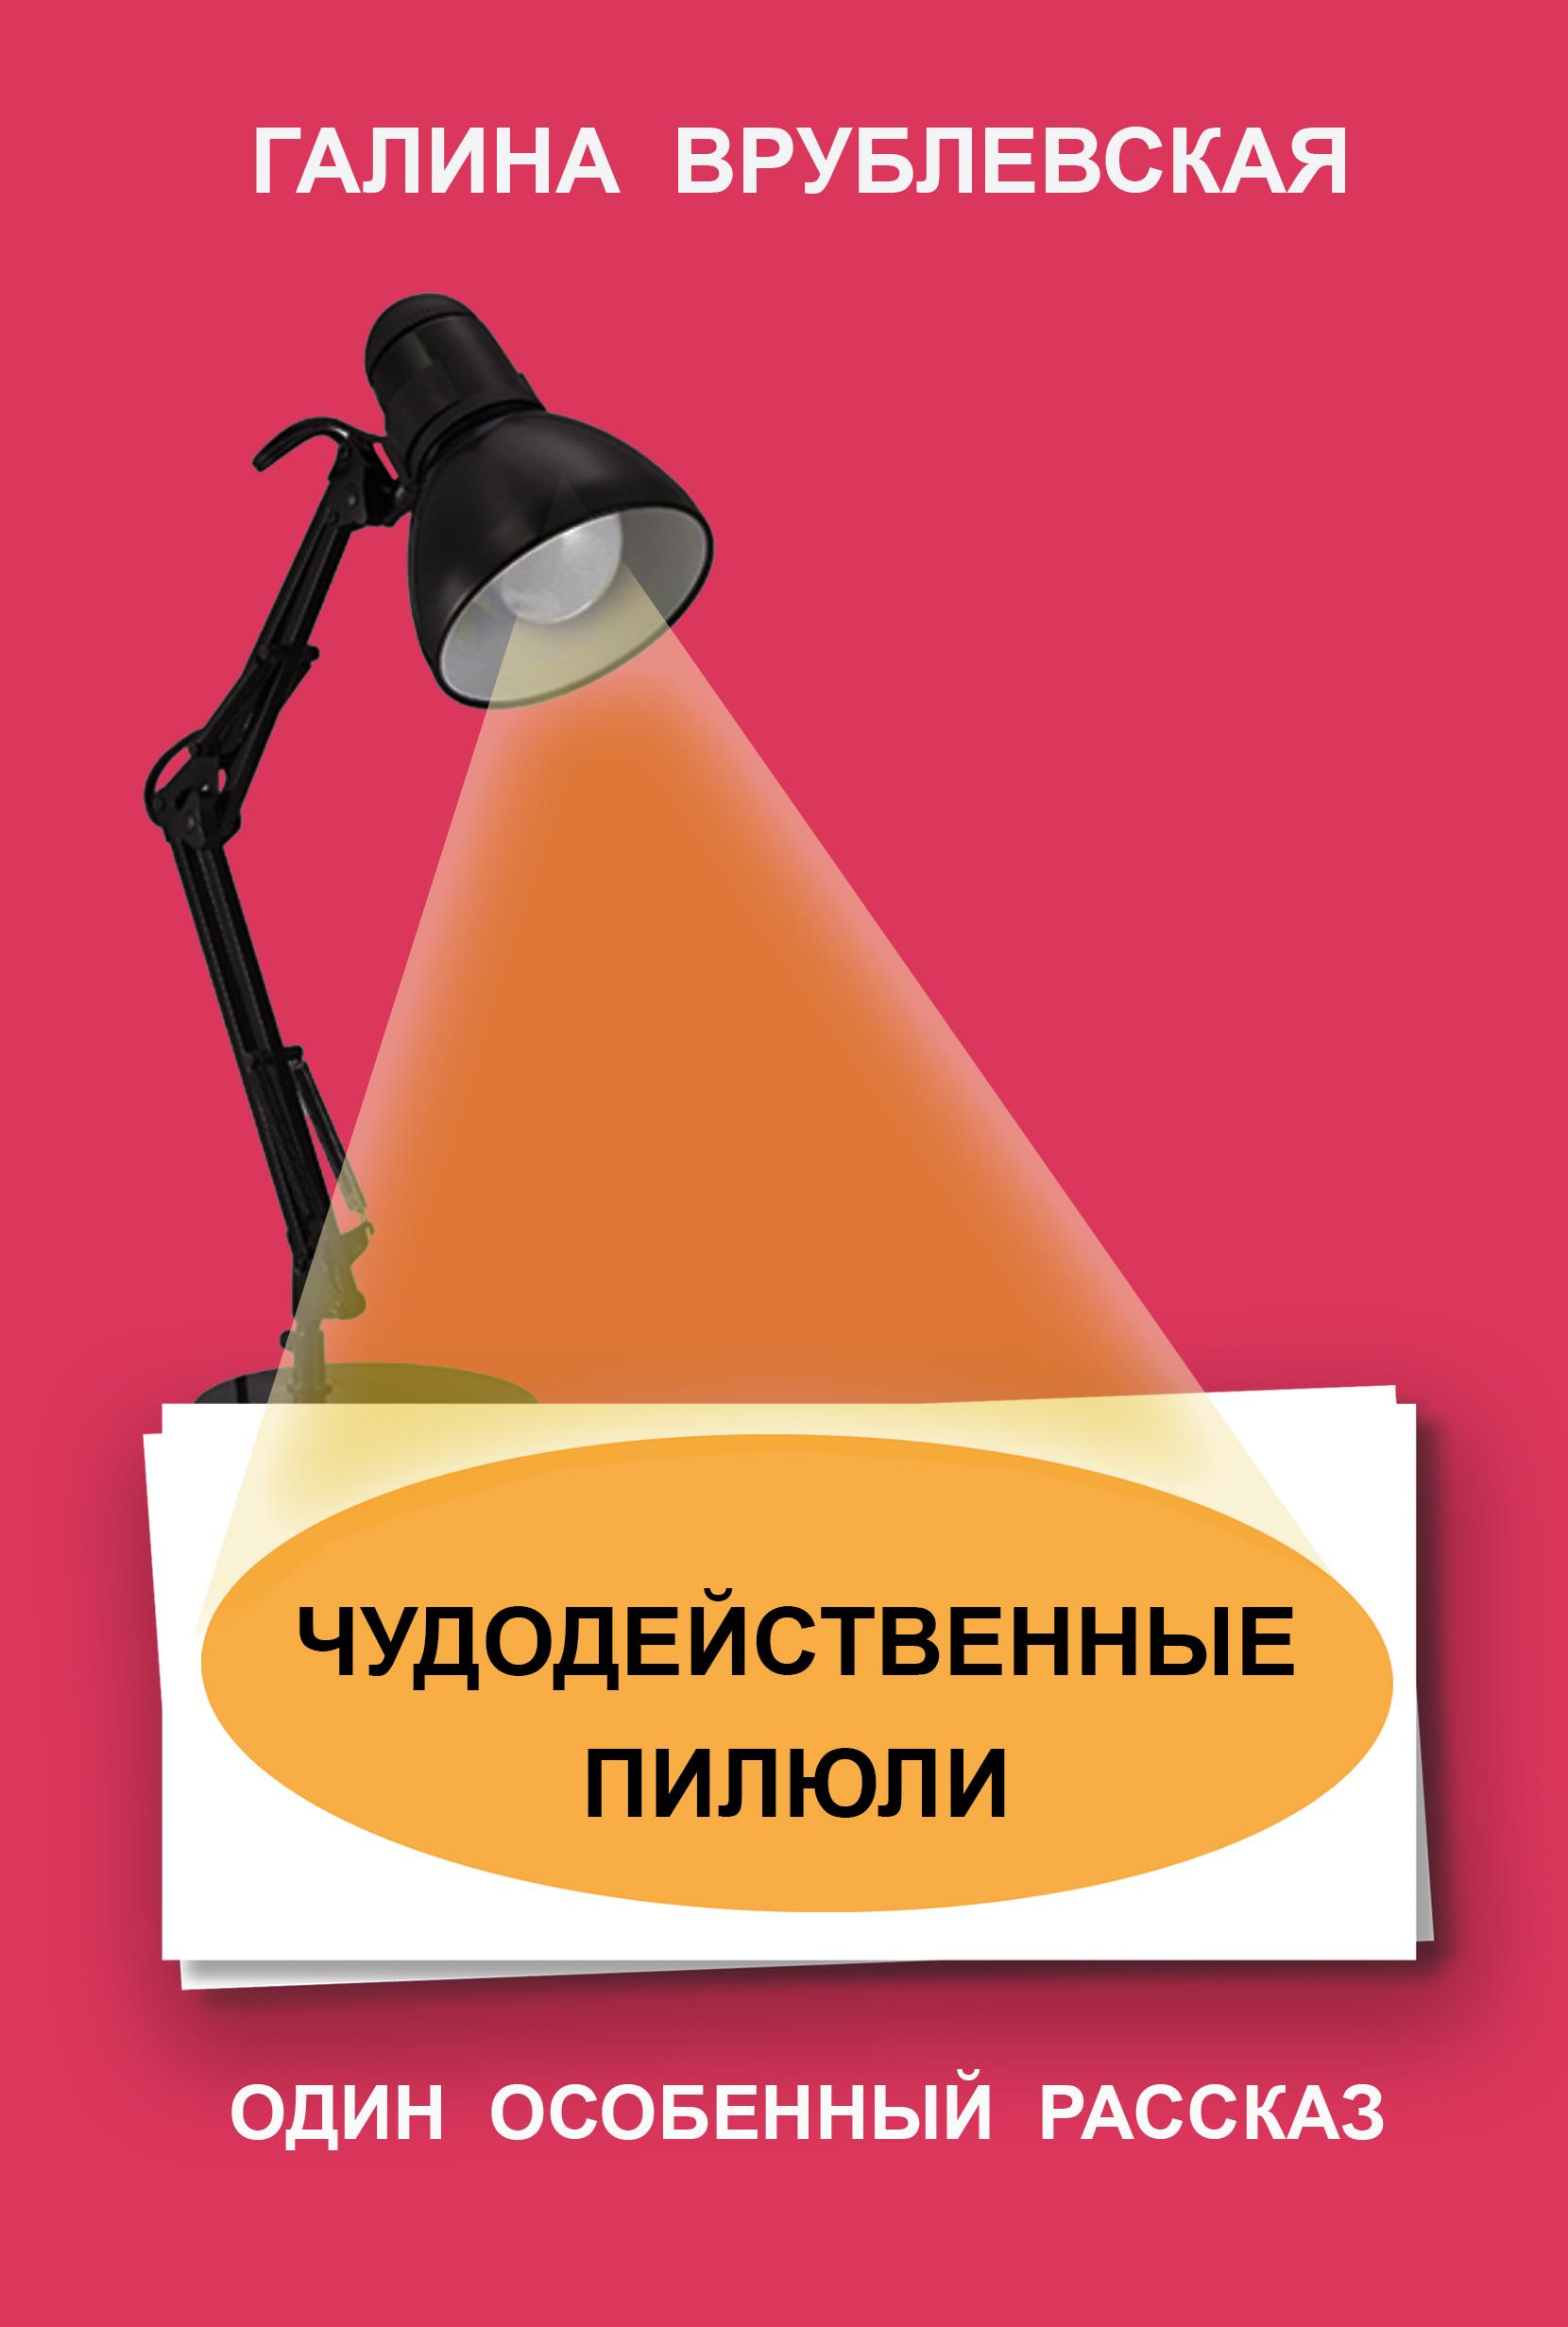 Галина Врублевская Чудодейственные пилюли